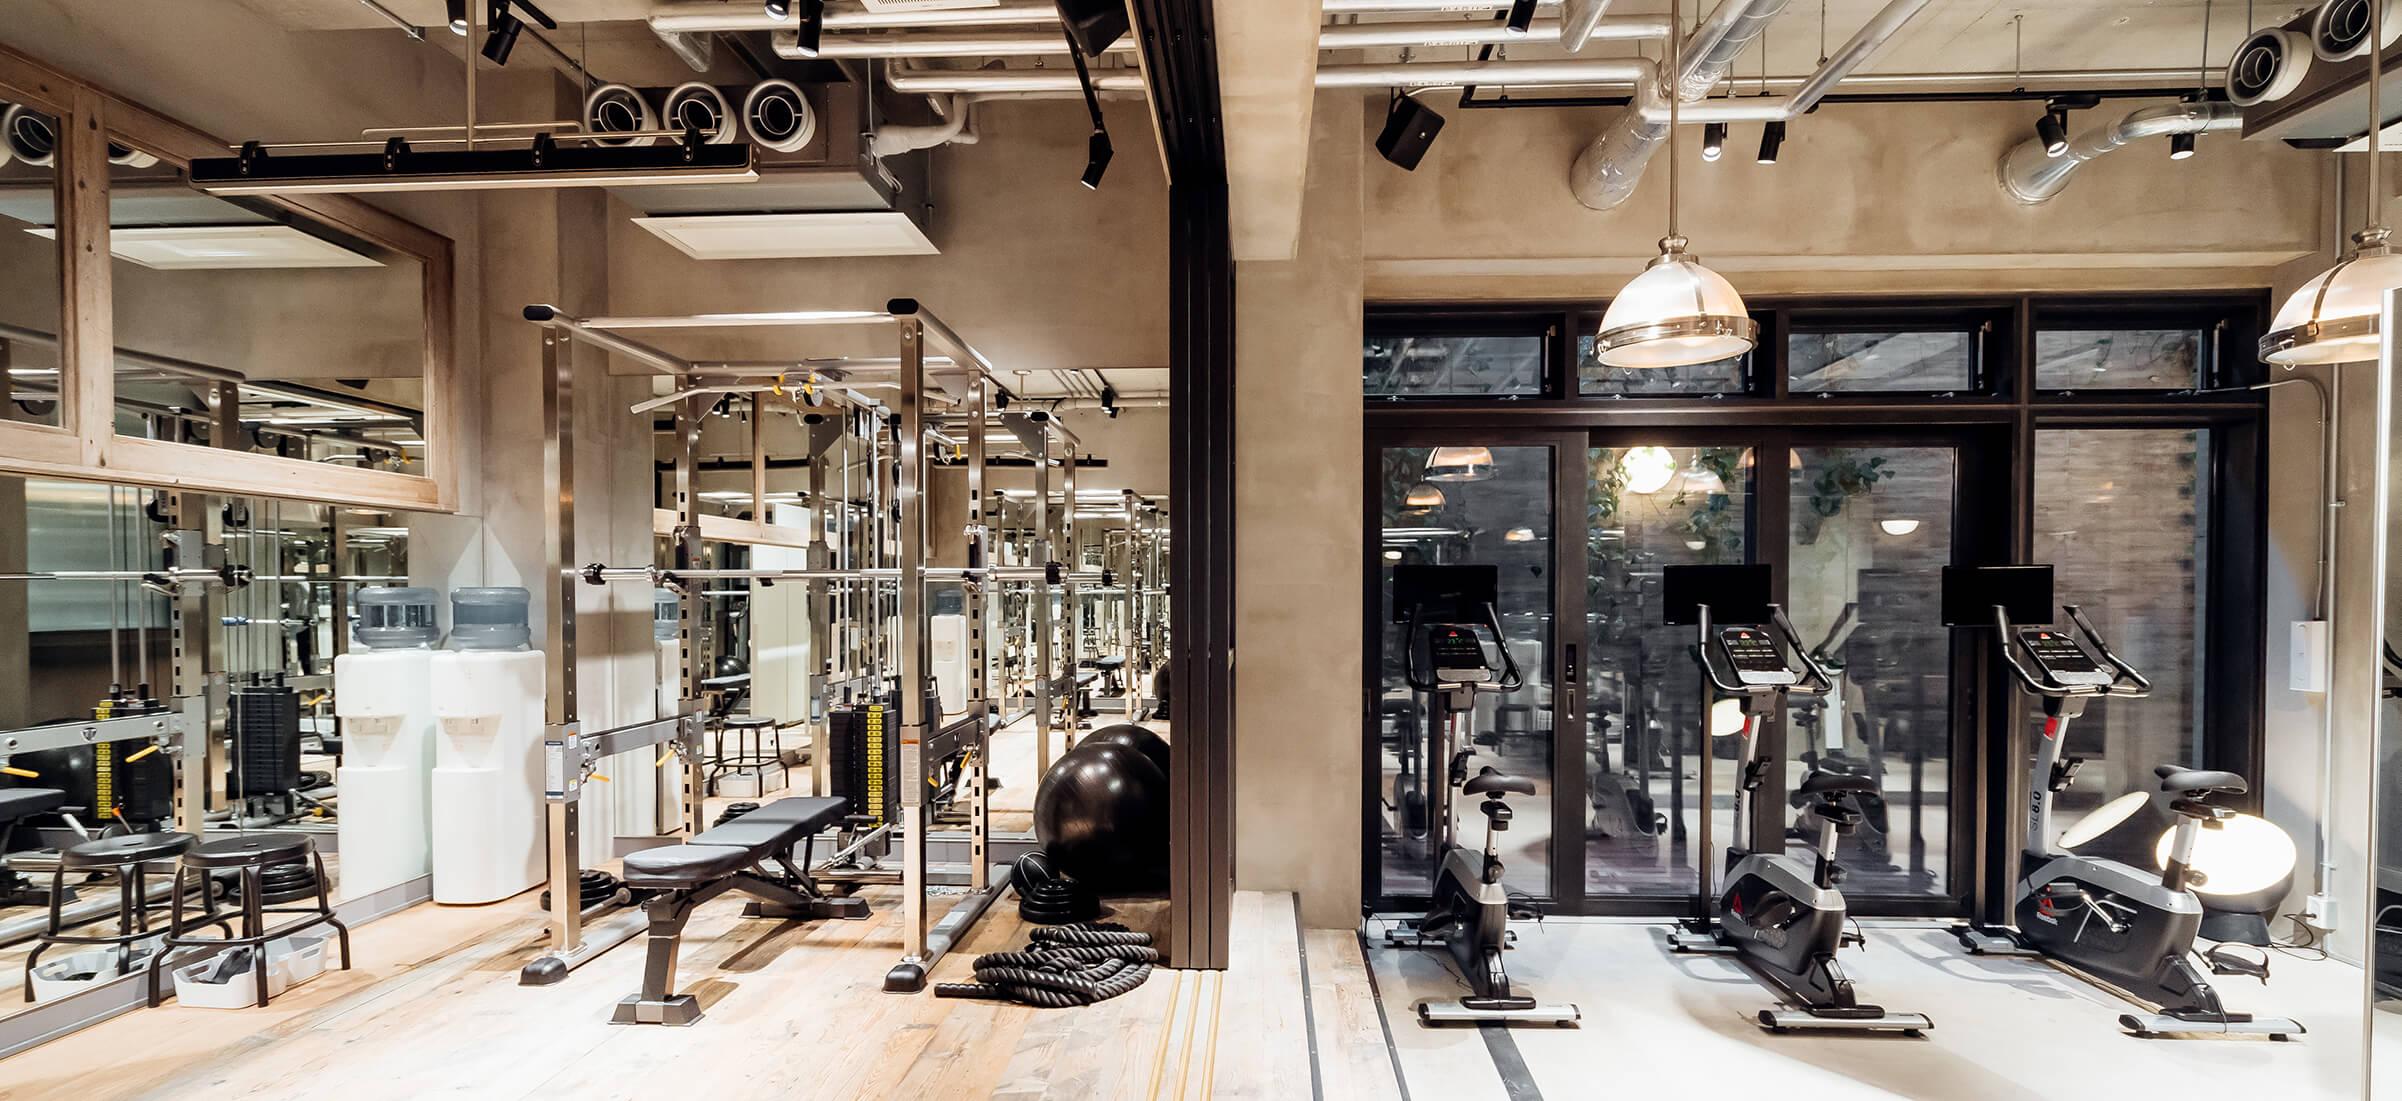 UNDEUX恵比寿スタジオのトレーニングスペース2